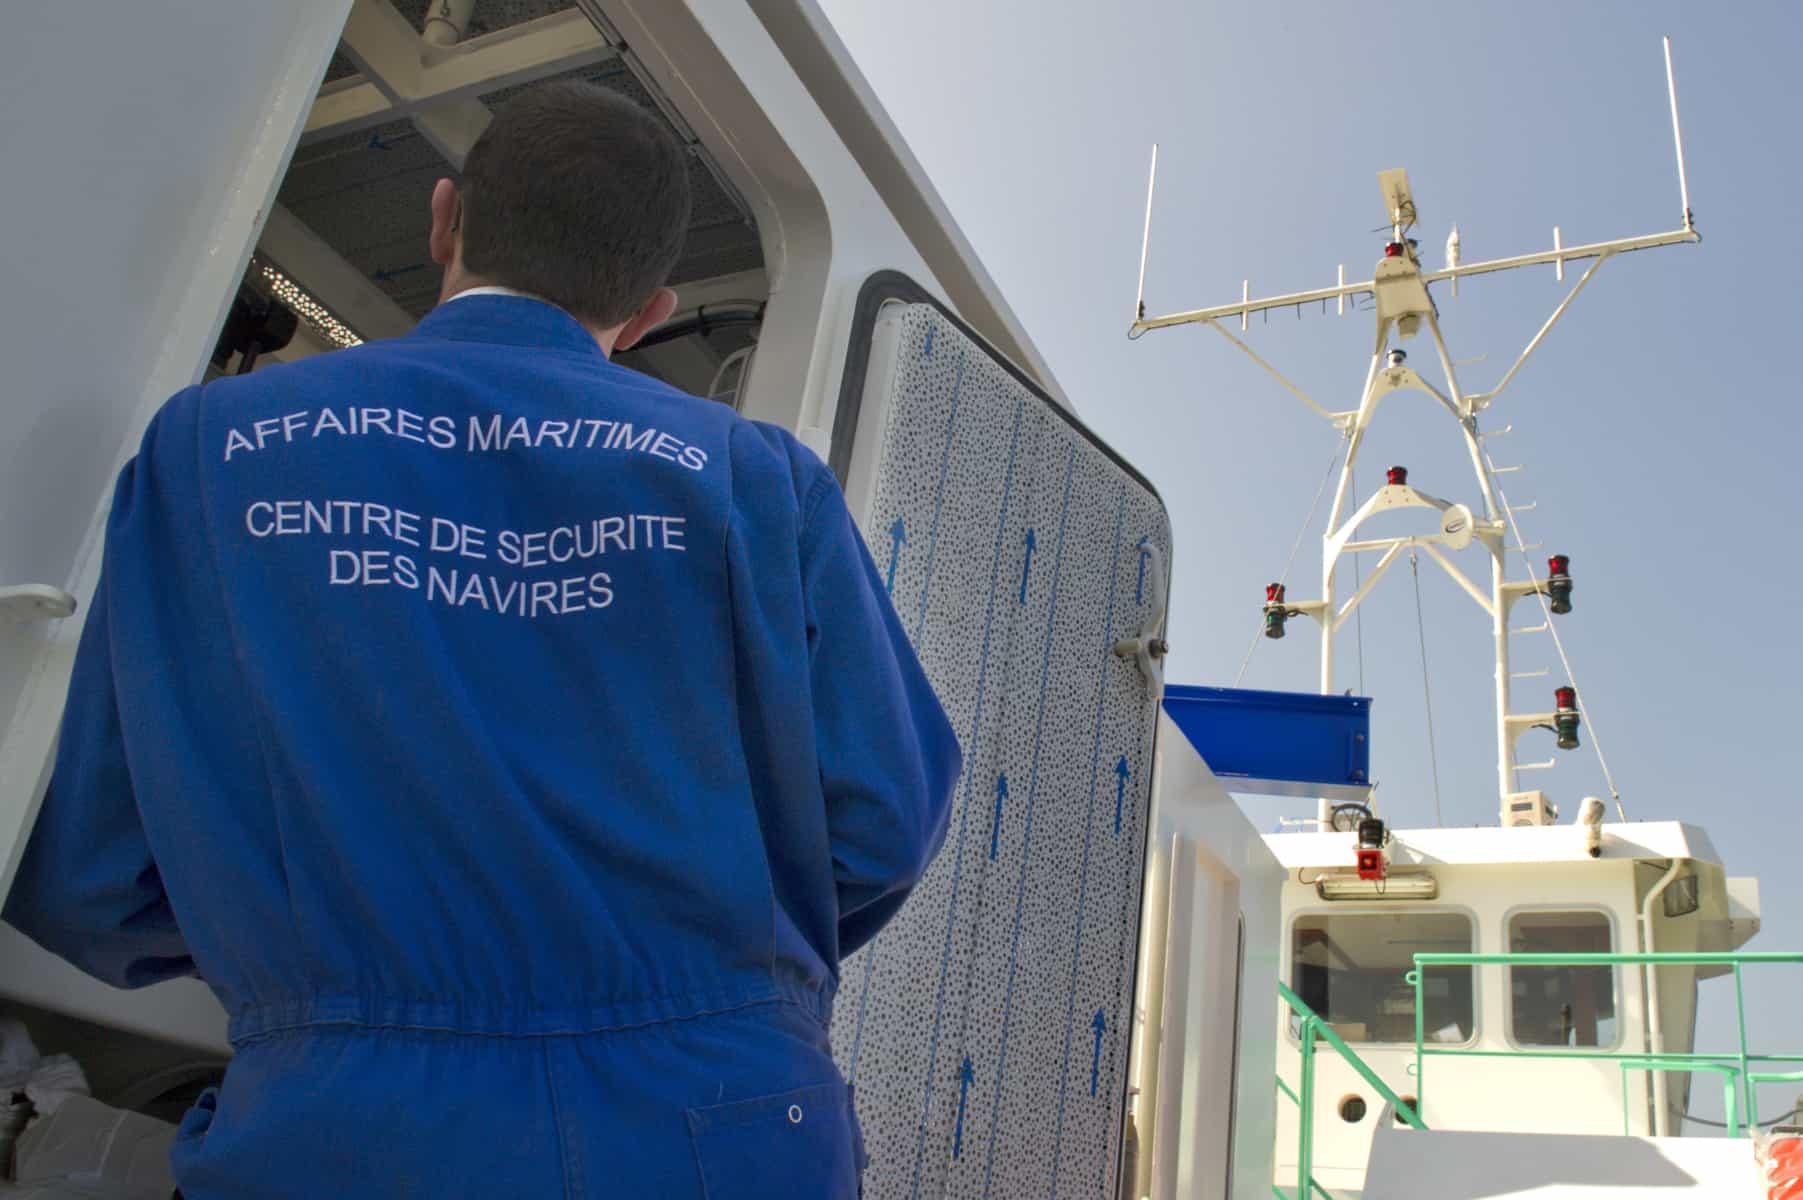 Centre de sécurité des navires © Laurent Mignaux - Terra